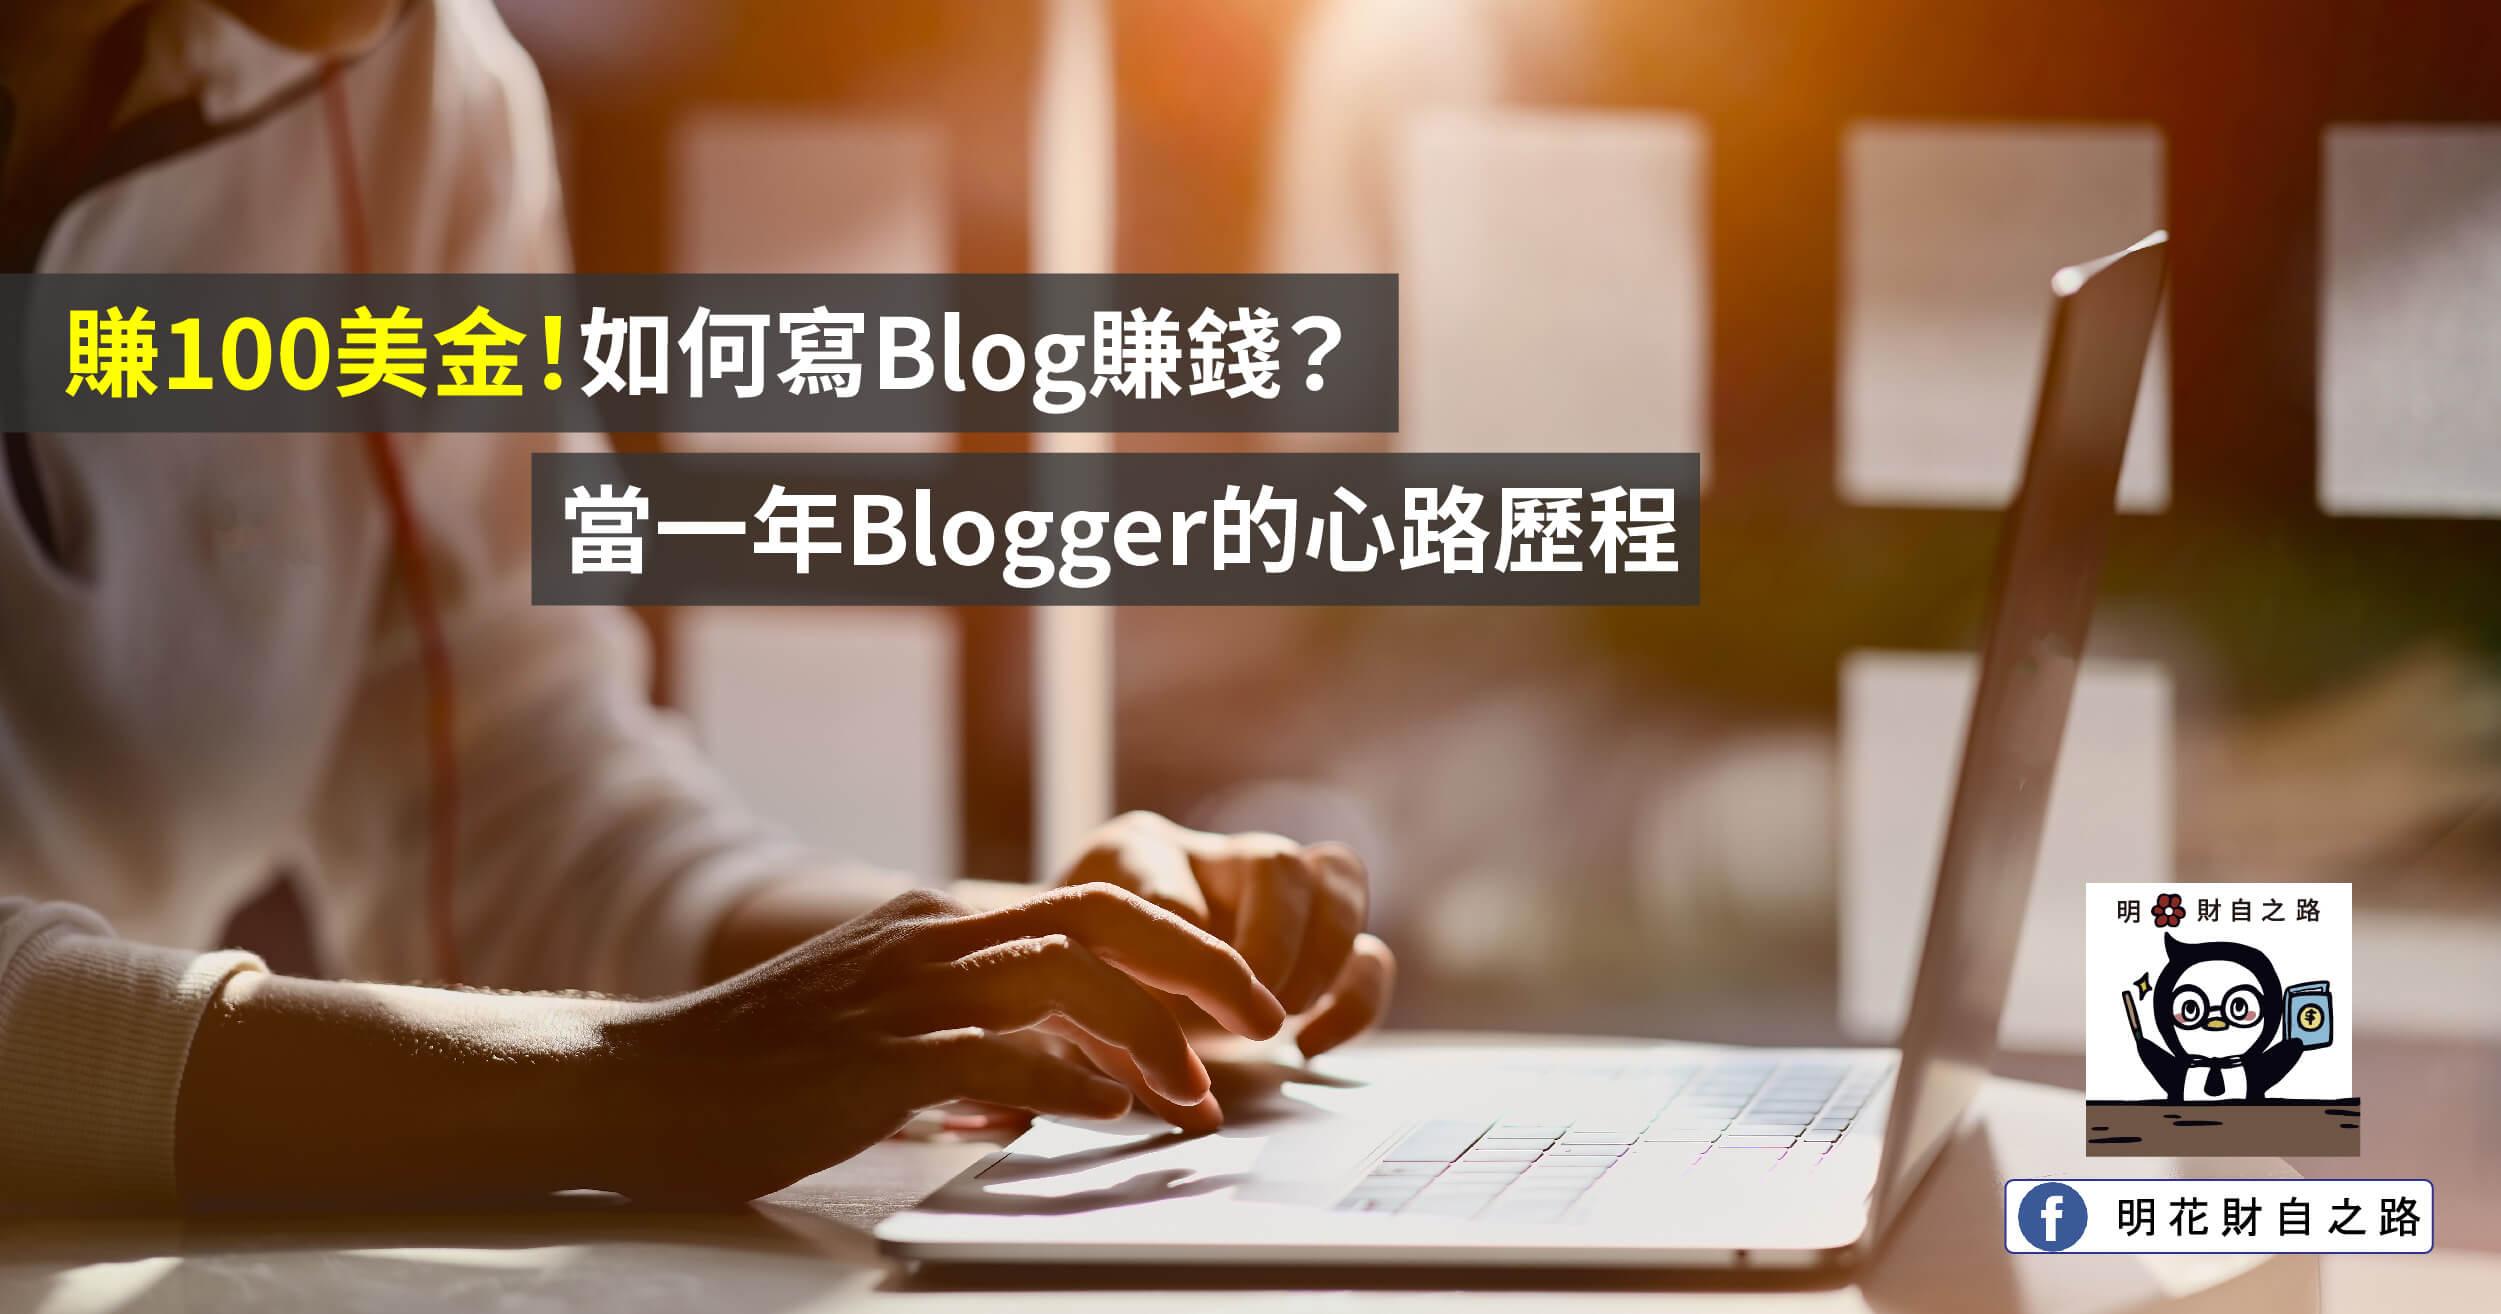 賺100美金!如何寫Blog賺錢?當一年Blogger的心路歷程